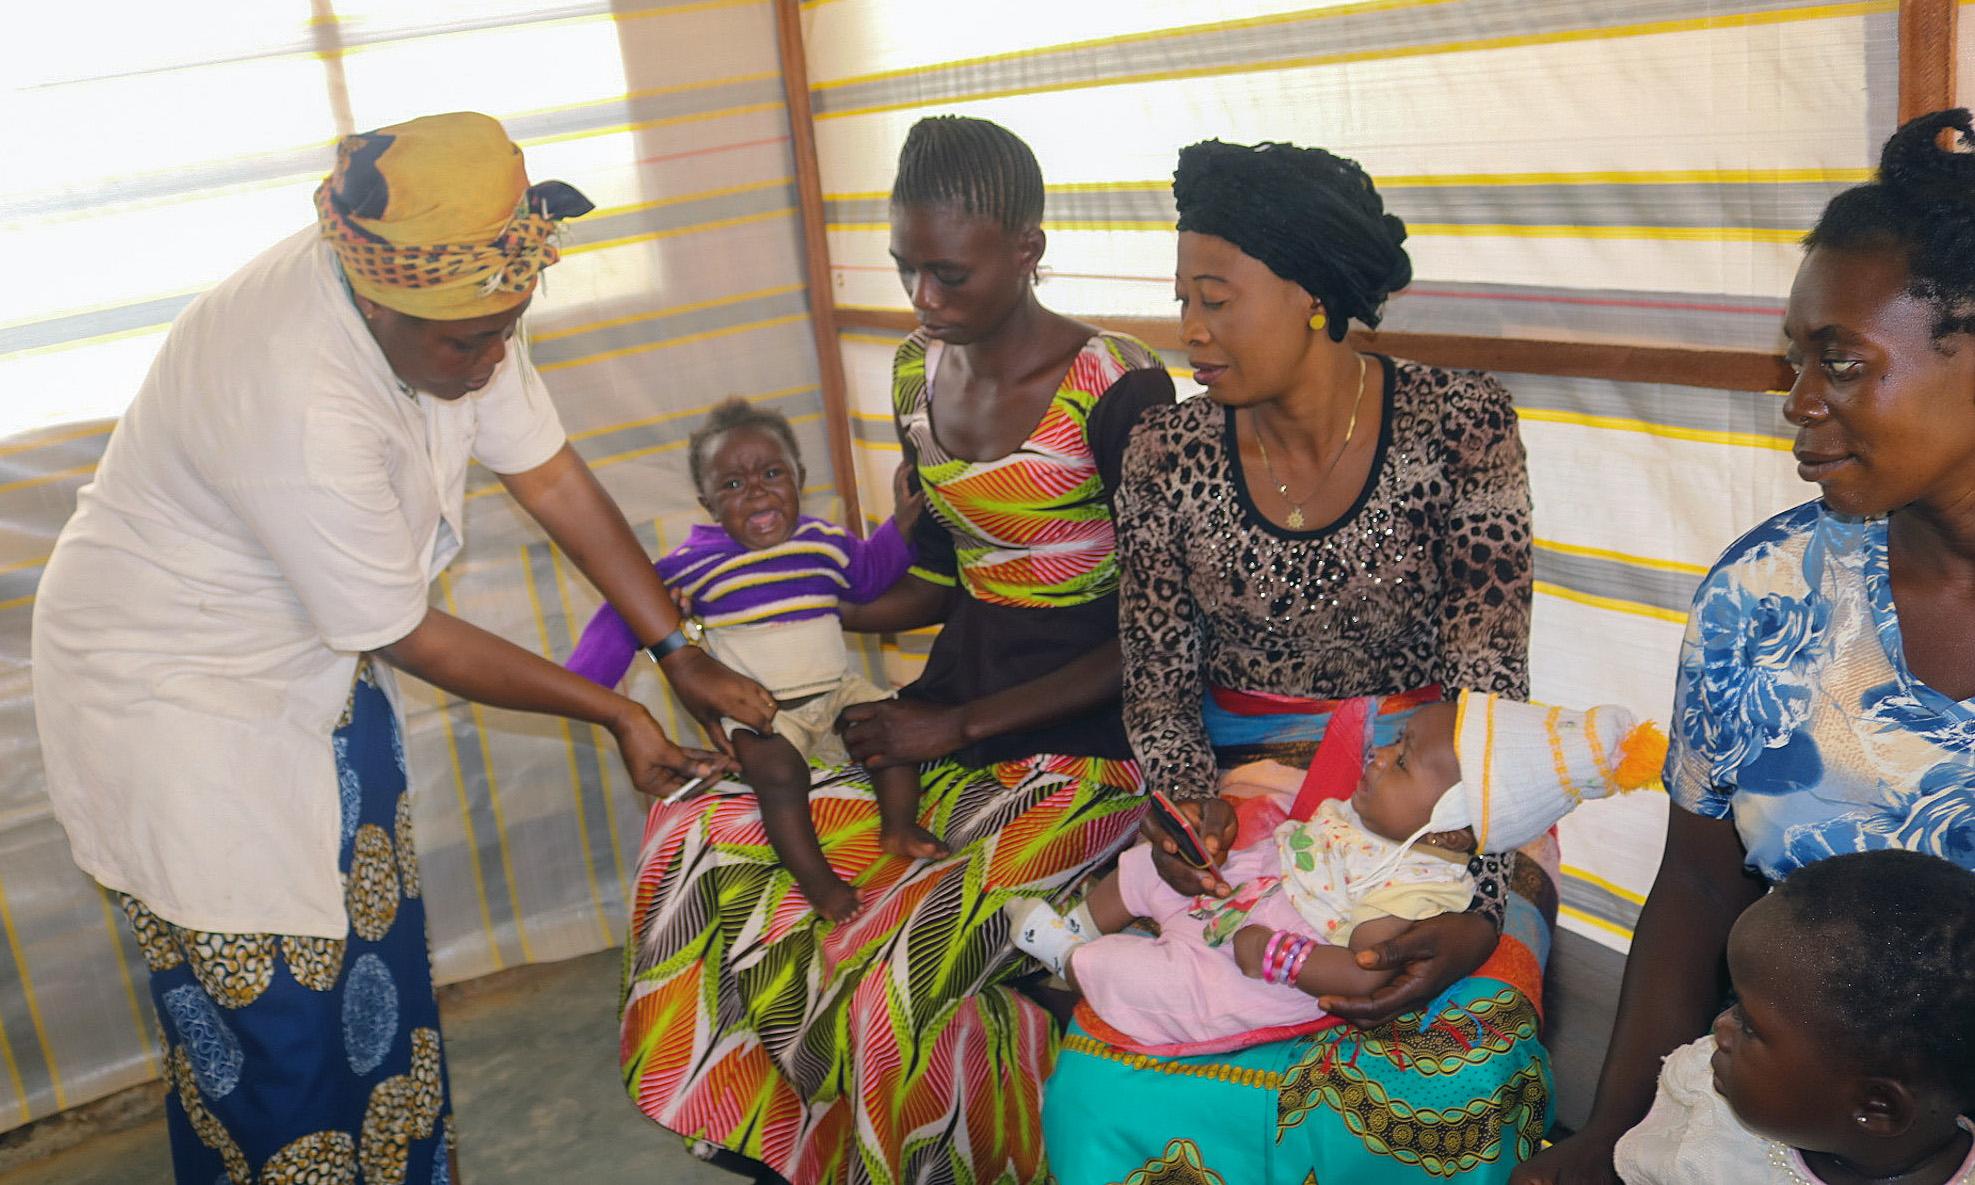 Régine Owanga Kambolo, directrice de la maternité de l'Hôpital Méthodiste Uni de Lokolé, vaccine des enfants lors d'une session de vaccination de routine à Kindu, en RDC. L'Église Méthodiste Unie dispose d'installations médicales dans des régions éloignées et travaille avec le gouvernement pour vacciner les enfants. Photo de Chadrack Tambwe Londe, UM News.